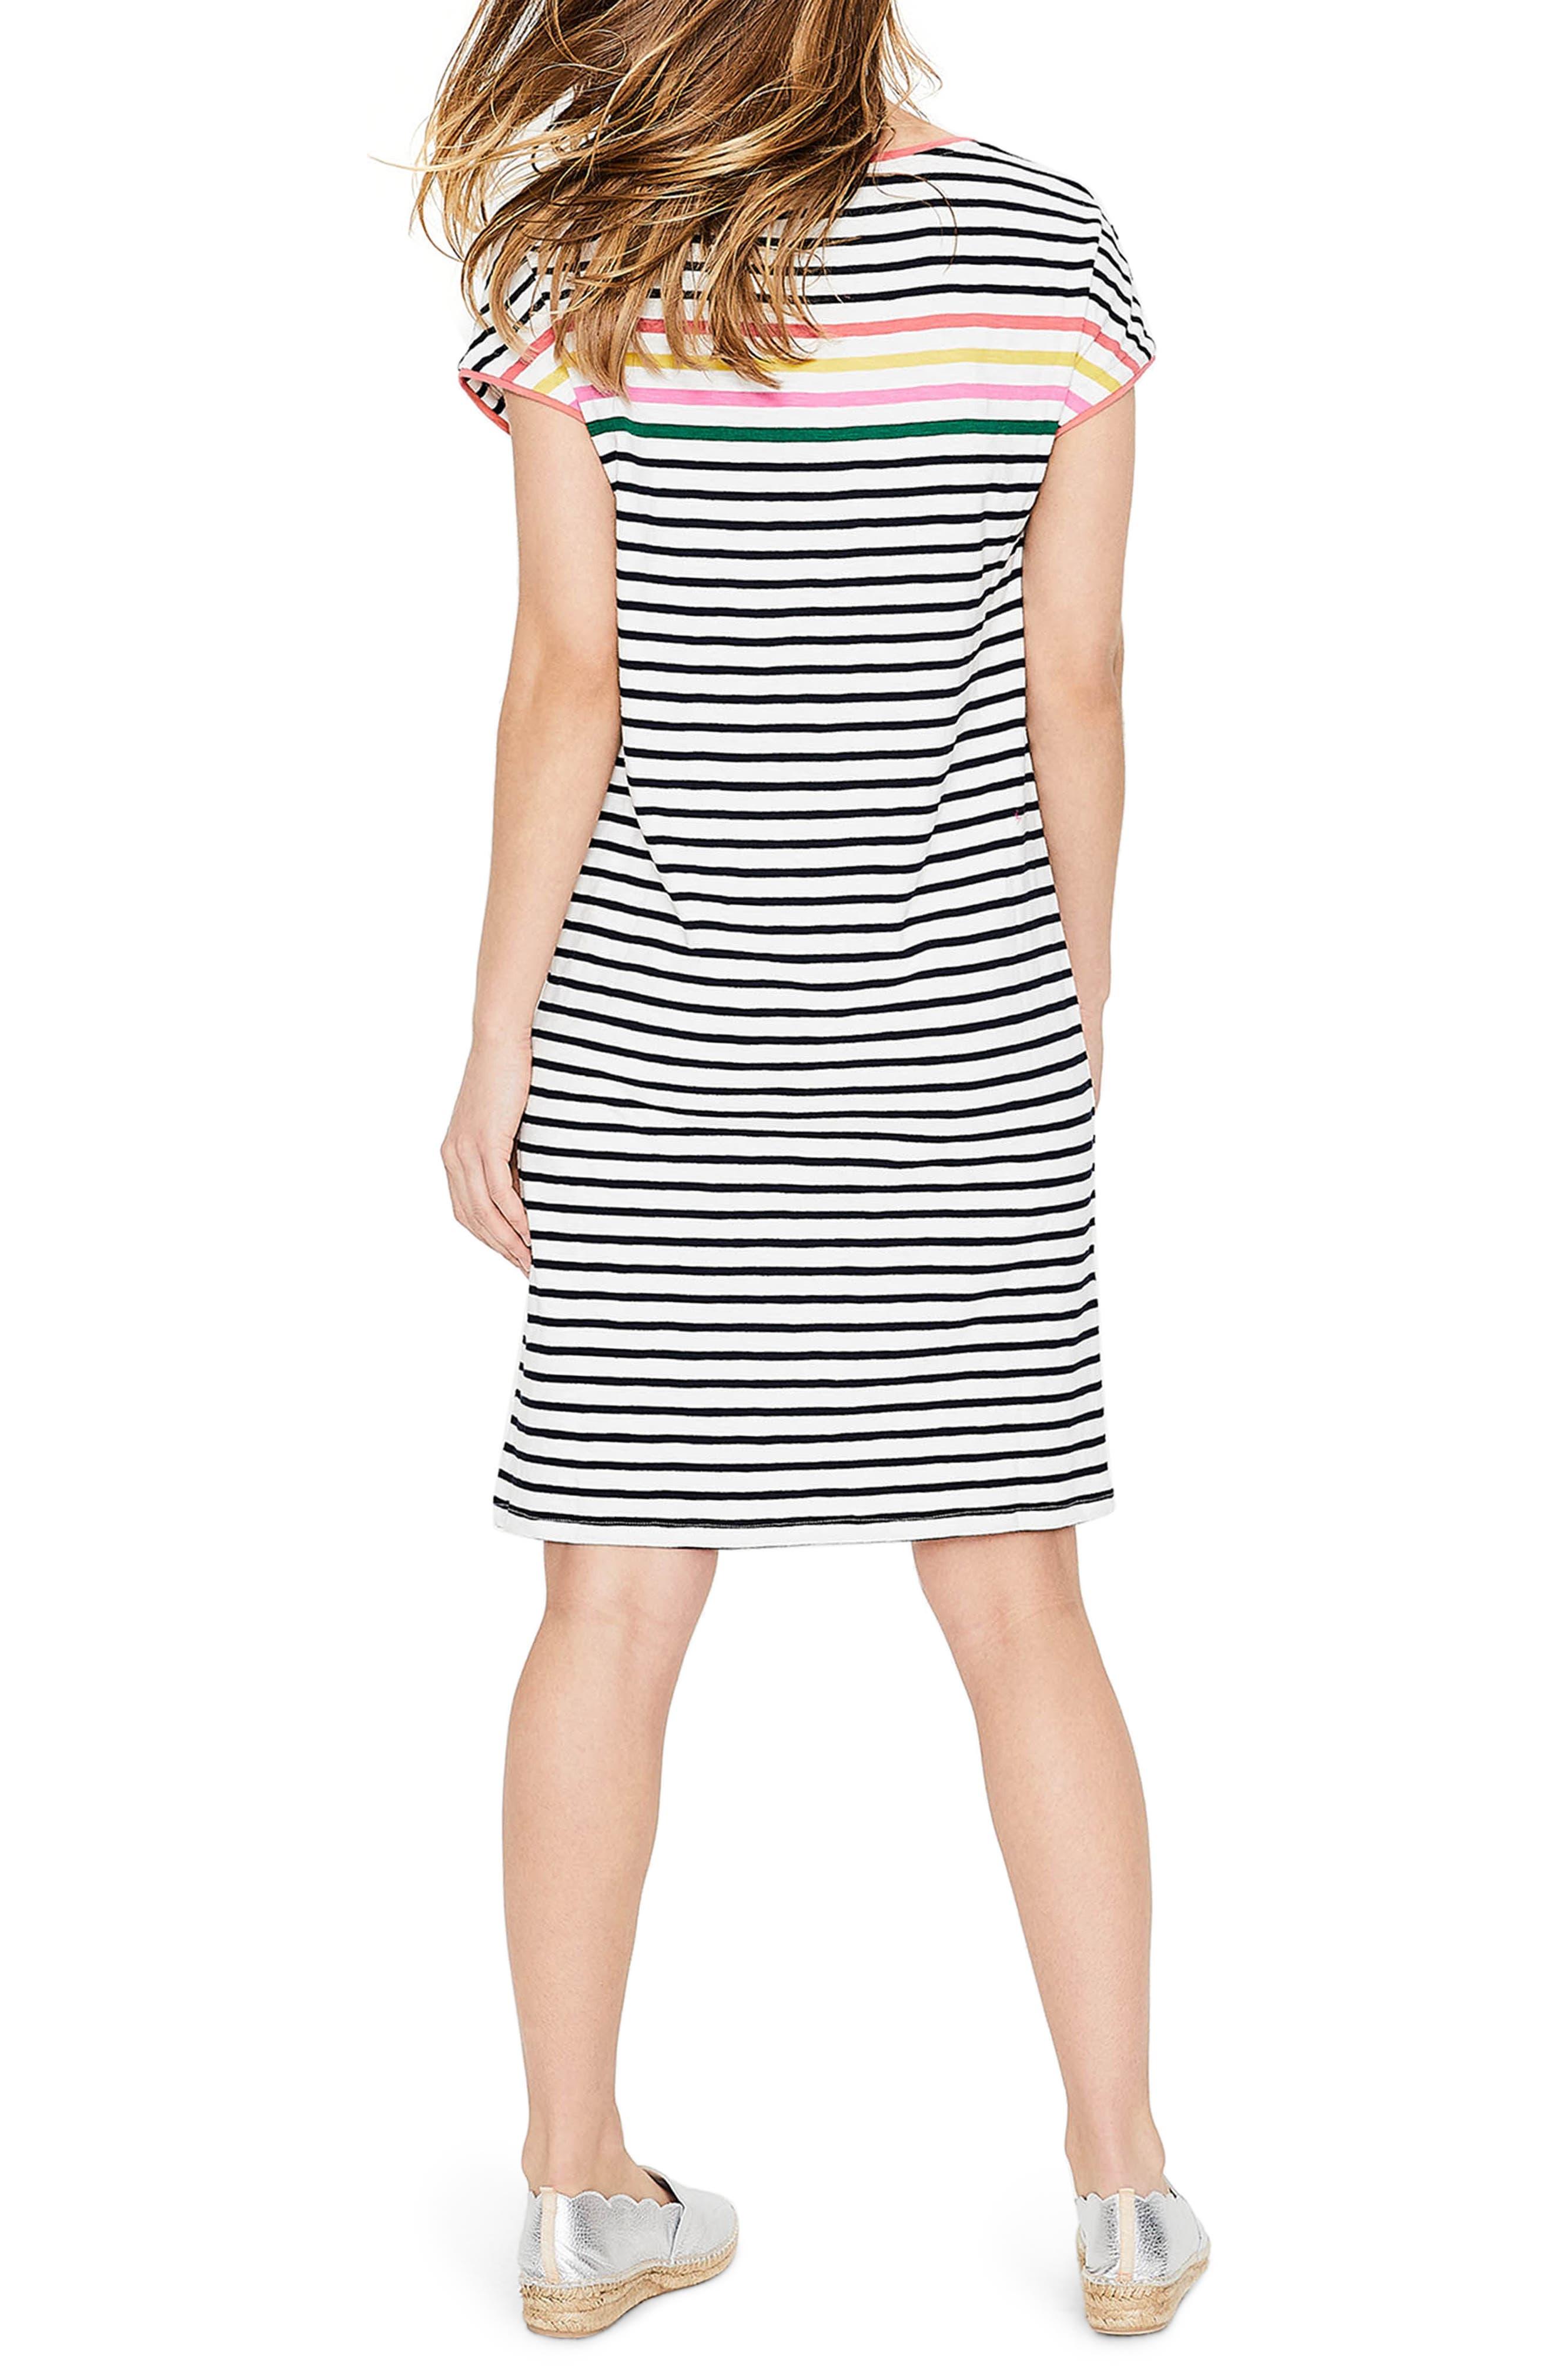 Paulina Stripe T-Shirt Dress,                             Alternate thumbnail 2, color,                             Rainbow Multi Stripe